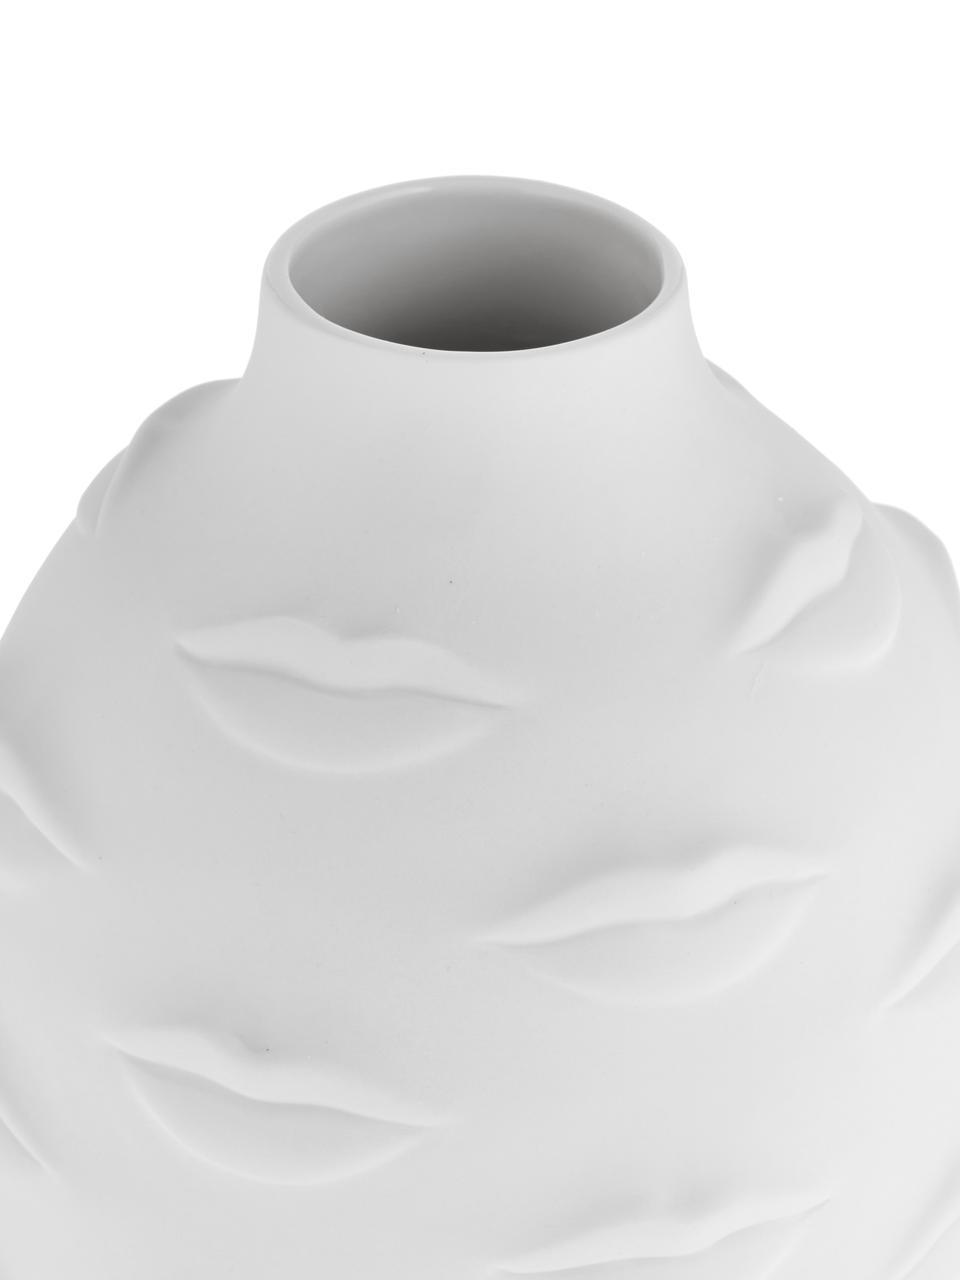 Design-Vase Gala aus Porzellan, Porzellan, Weiß, Ø 15 x H 25 cm